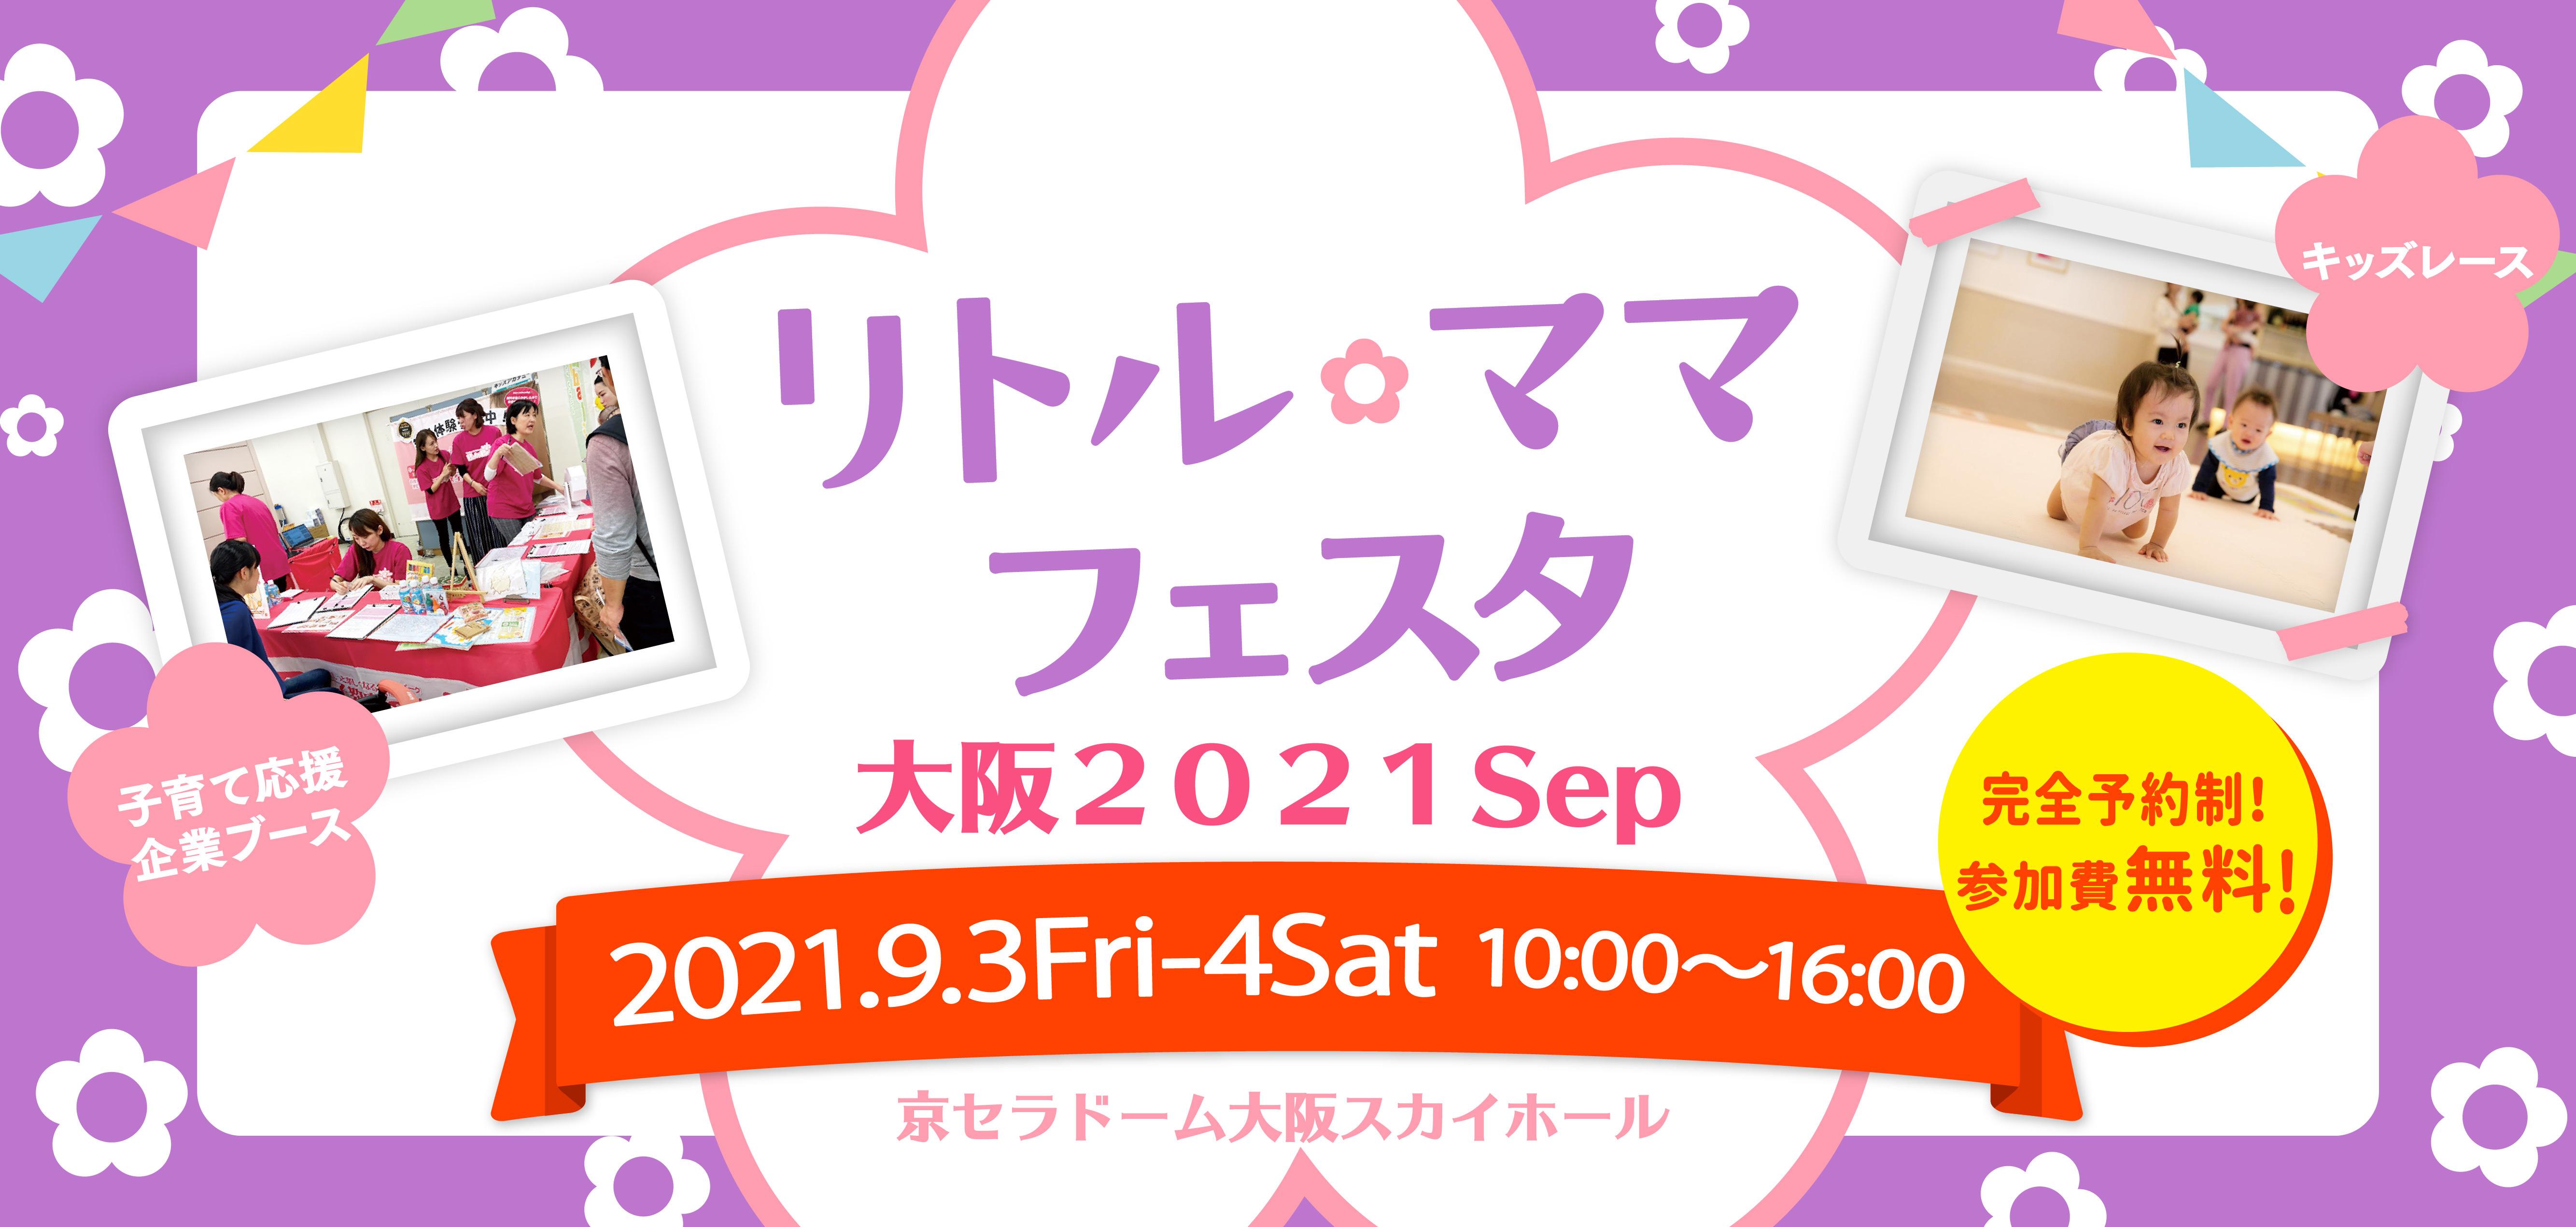 リトル・ママフェスタ大阪2021Sep